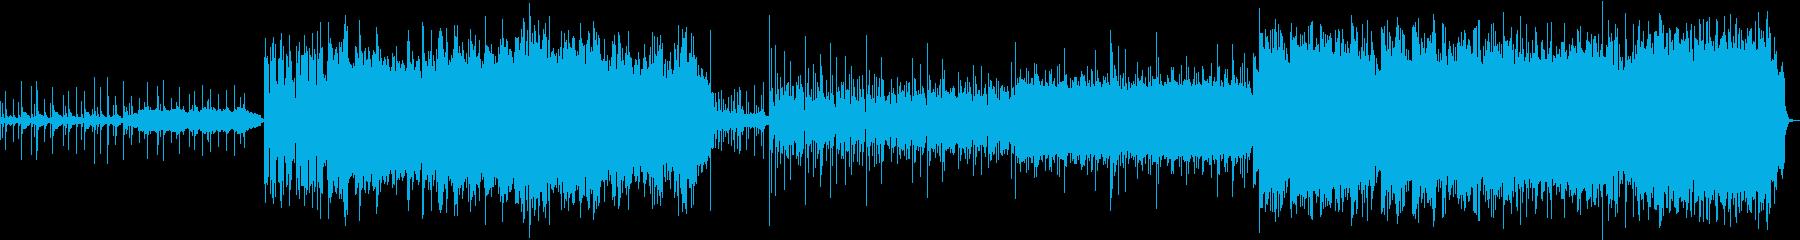 【ダンス系競技向け】オケ&バンドの再生済みの波形